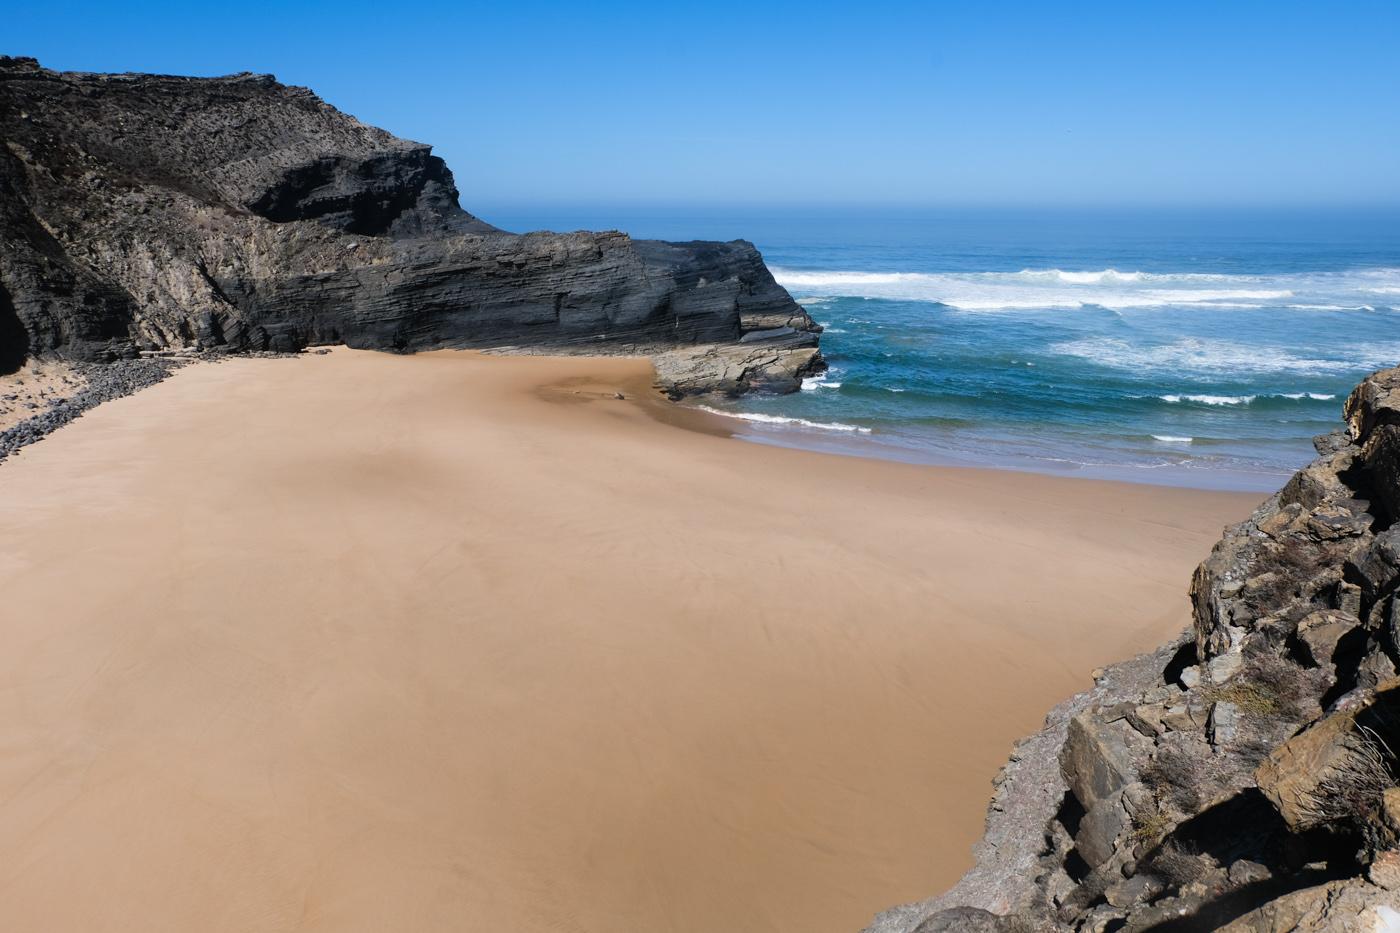 Rota Vicentina cammino a piedi Portogallo sentiero dei pescatori mare